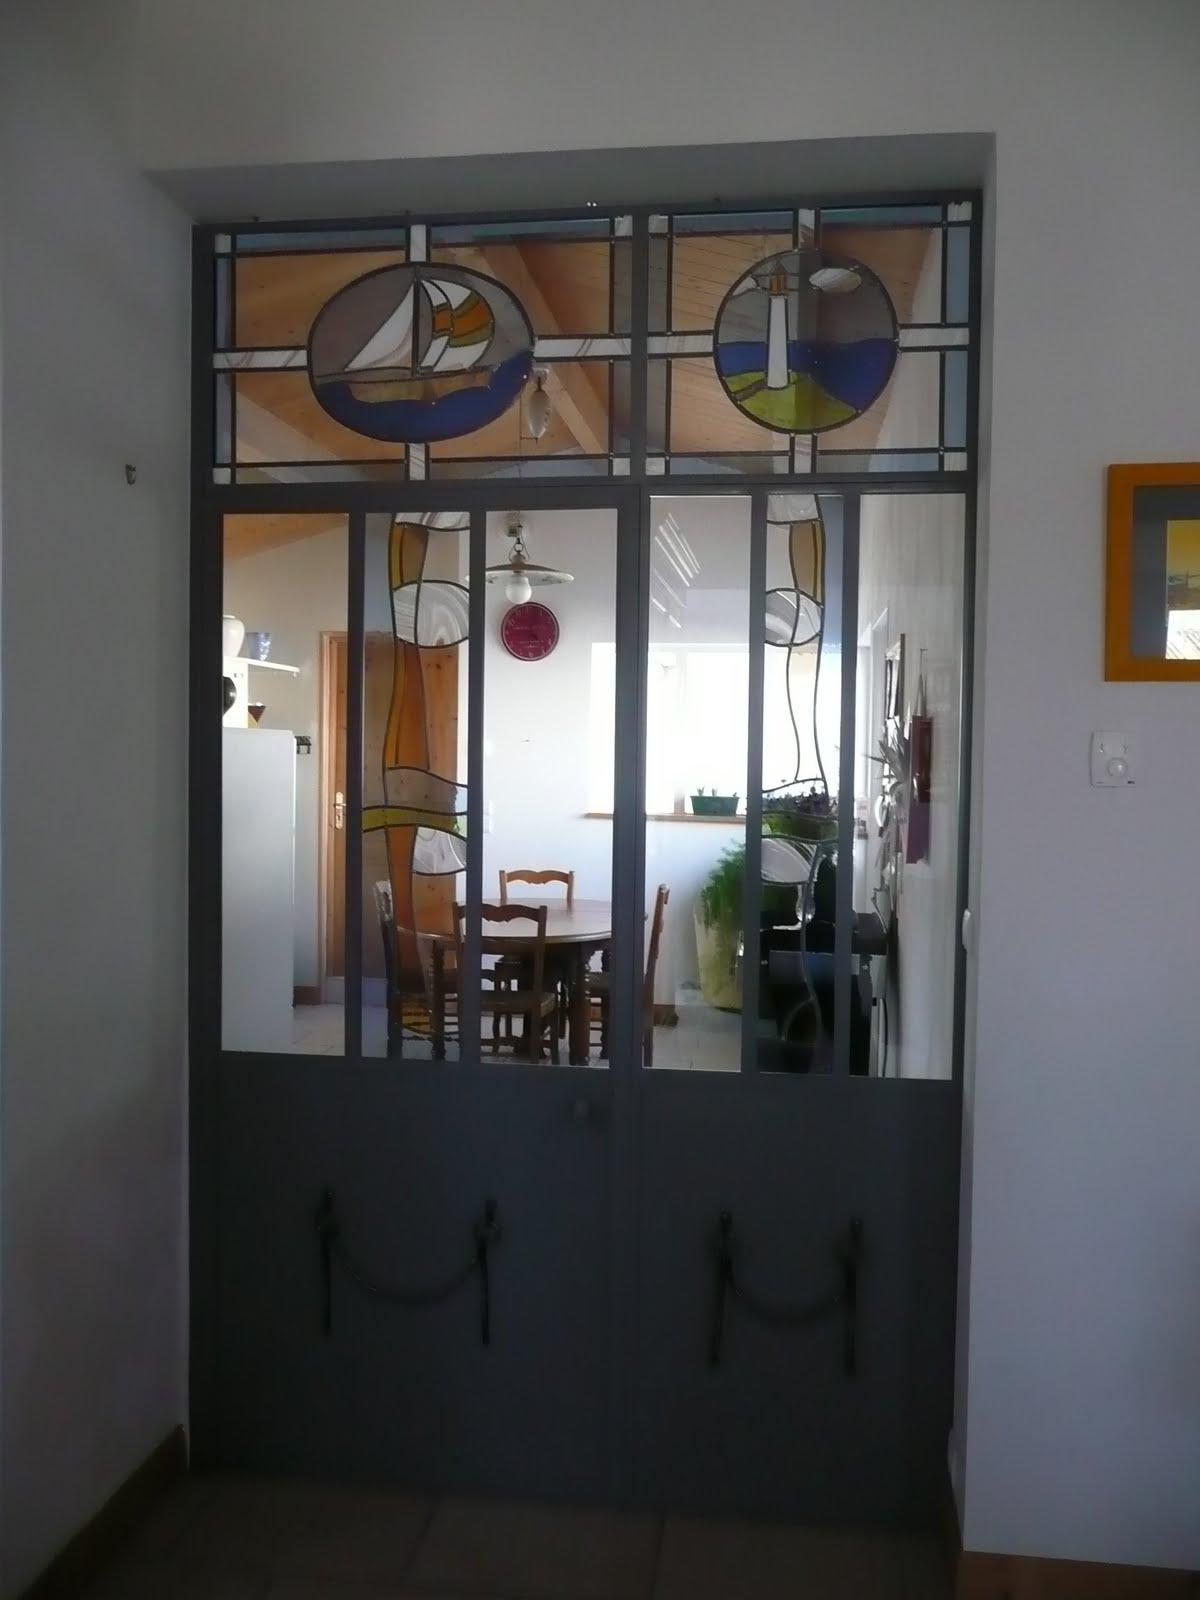 des id es en verre vitraux contemporains sur le th me de la mer. Black Bedroom Furniture Sets. Home Design Ideas